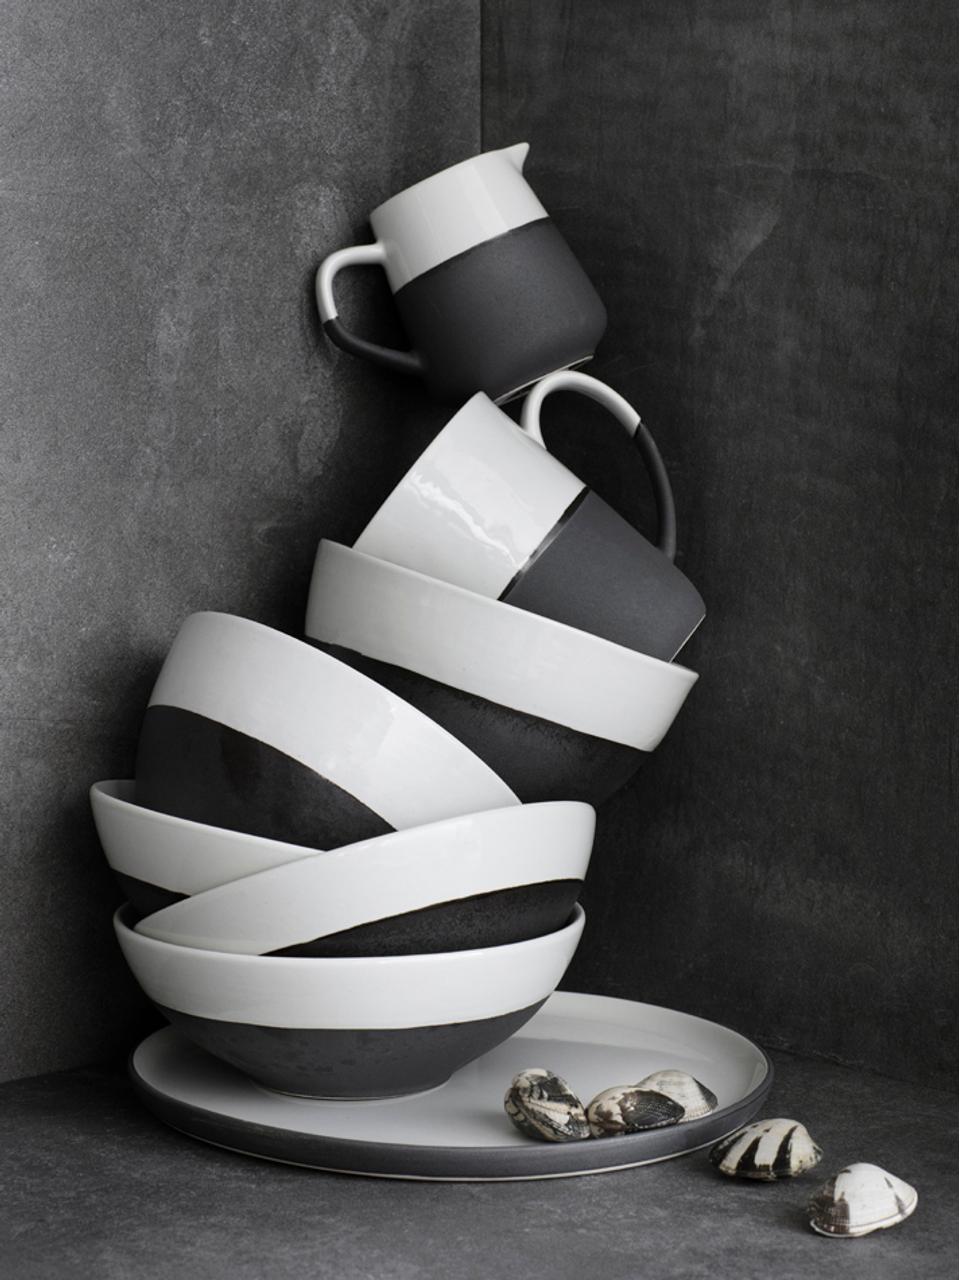 Handgemachtes Frühstücks-Set Esrum matt/glänzend, 4 Personen (12-tlg.), Unten: Steingut, naturbelassen, Elfenbeinfarben, Schwarz, Sondergrößen